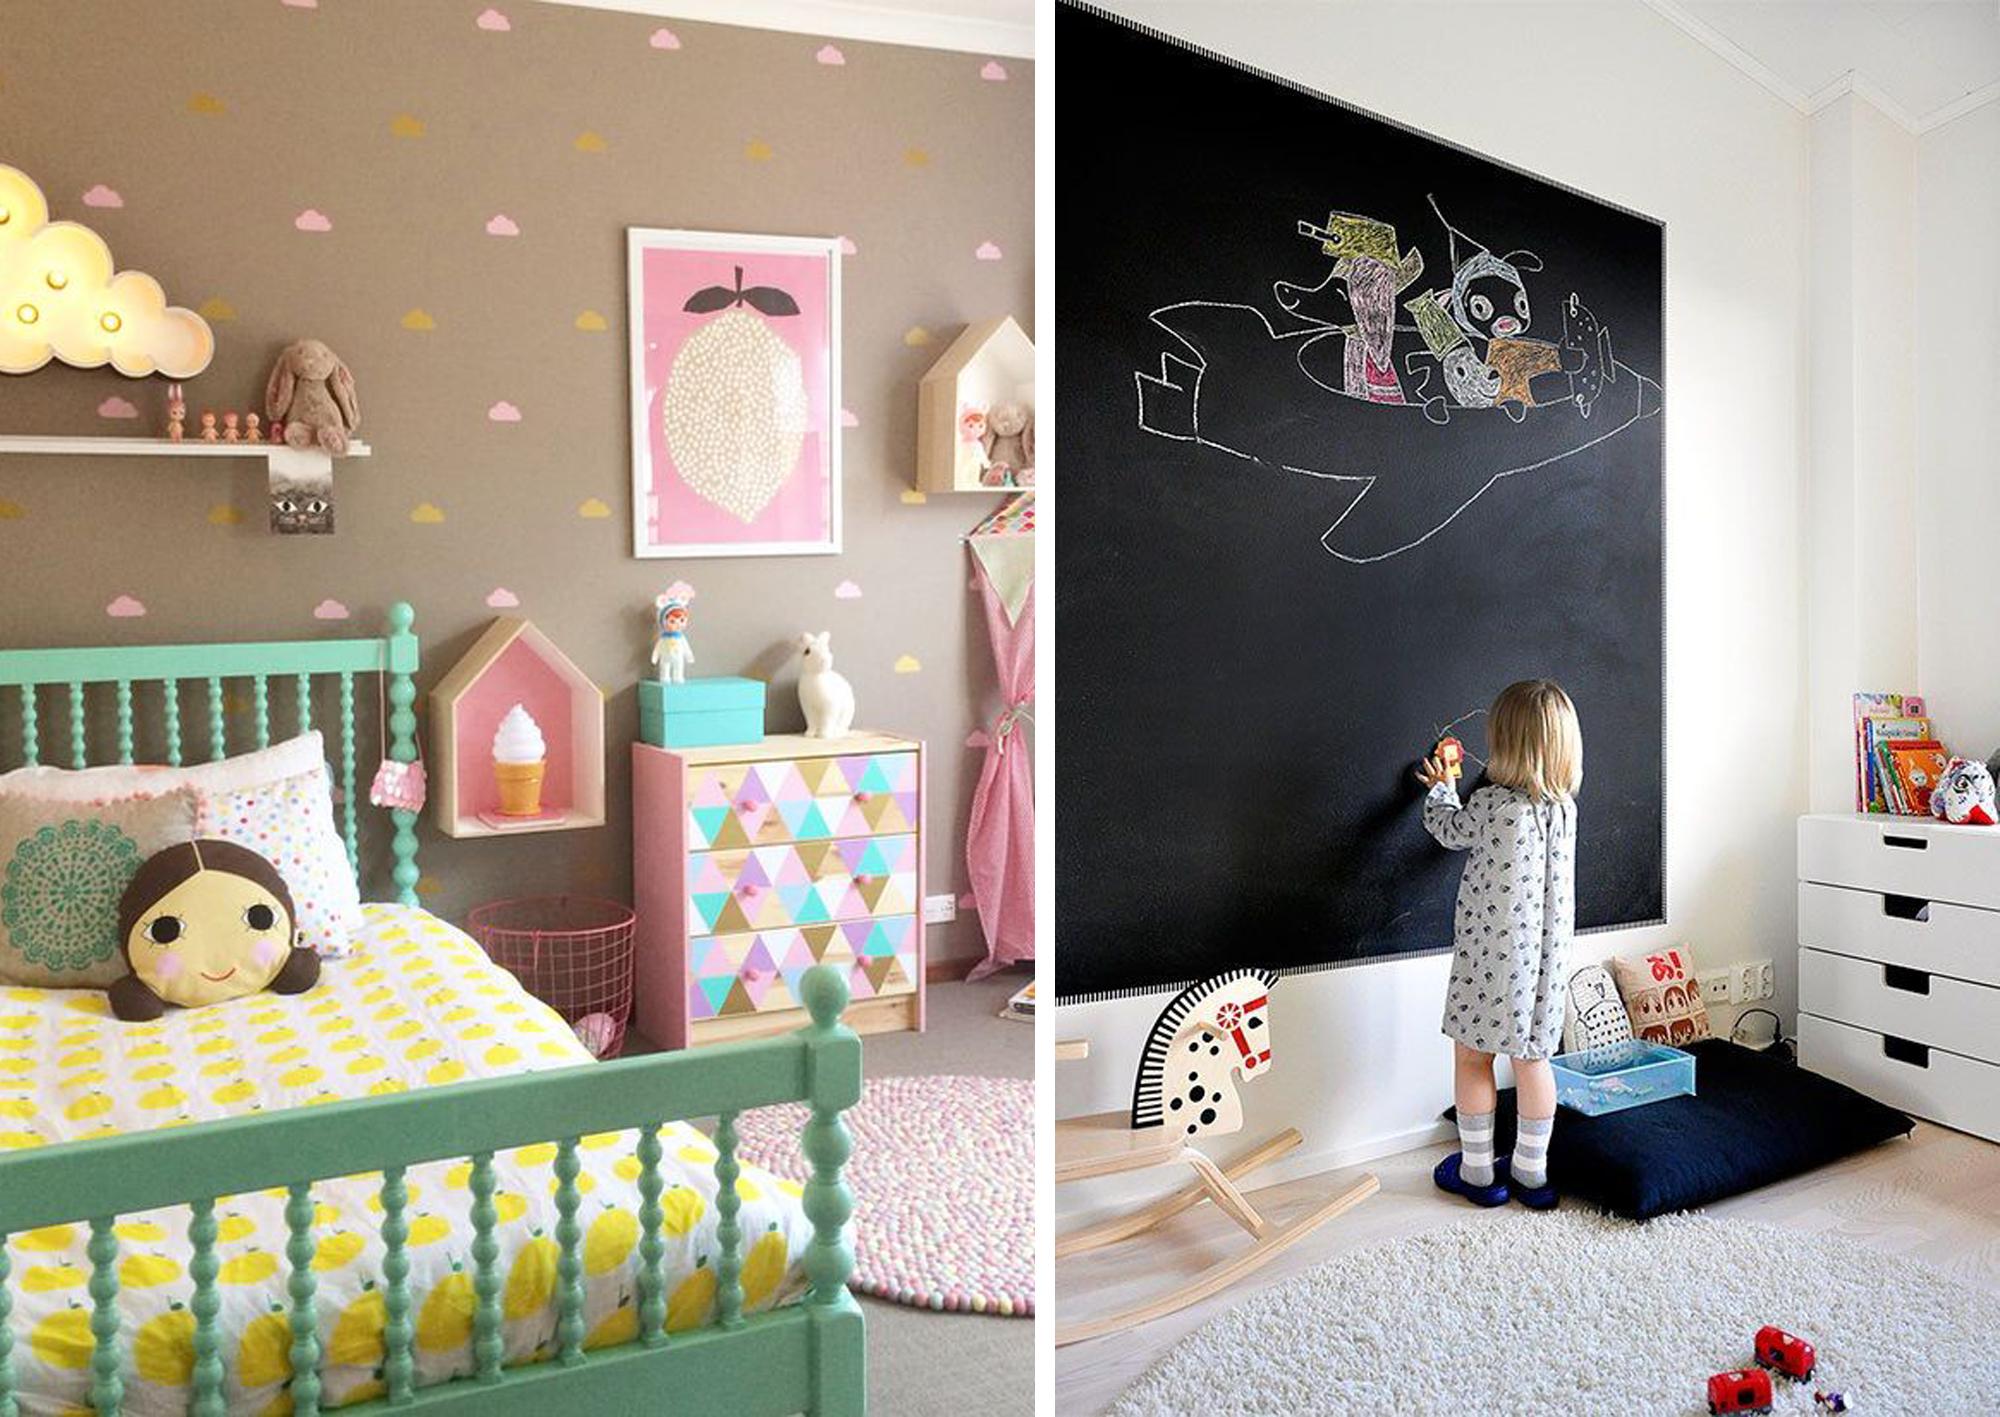 Pareti decorate per bambini parete decorata cameretta - Murales cameretta bimbi ...